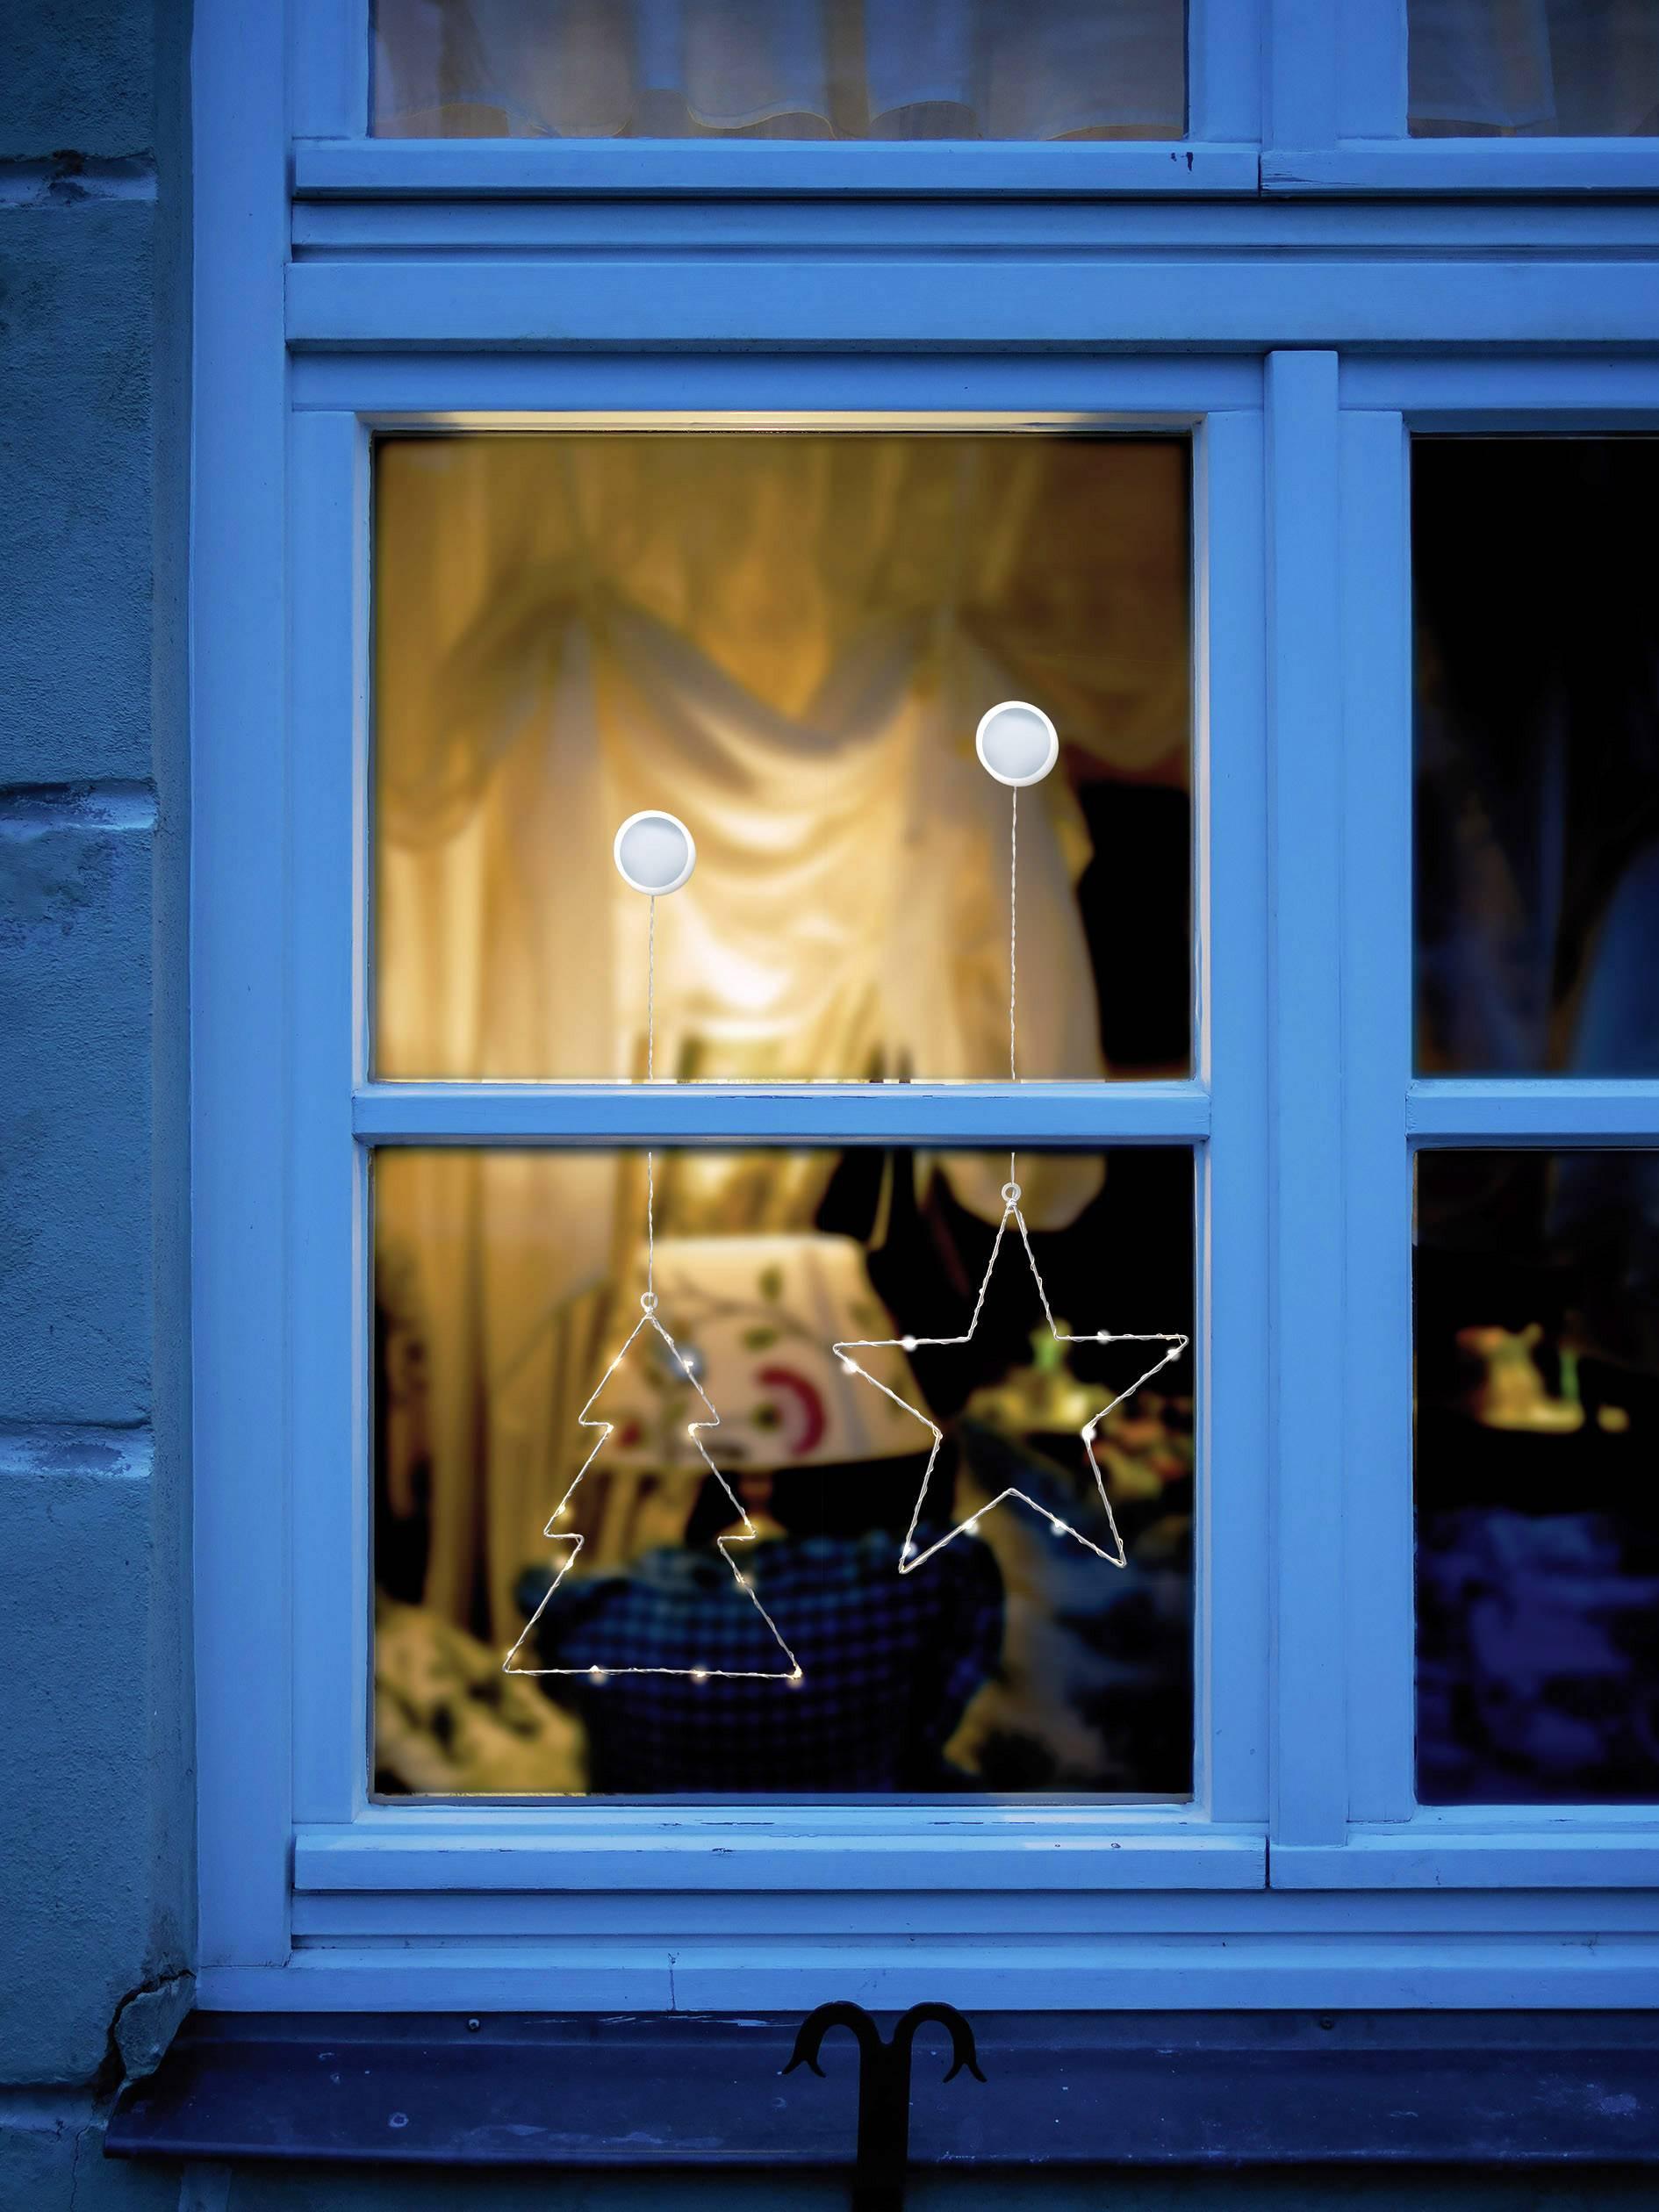 Vianočné LED osvetlenie do okna Polarlite LBA-50-016, hviezda